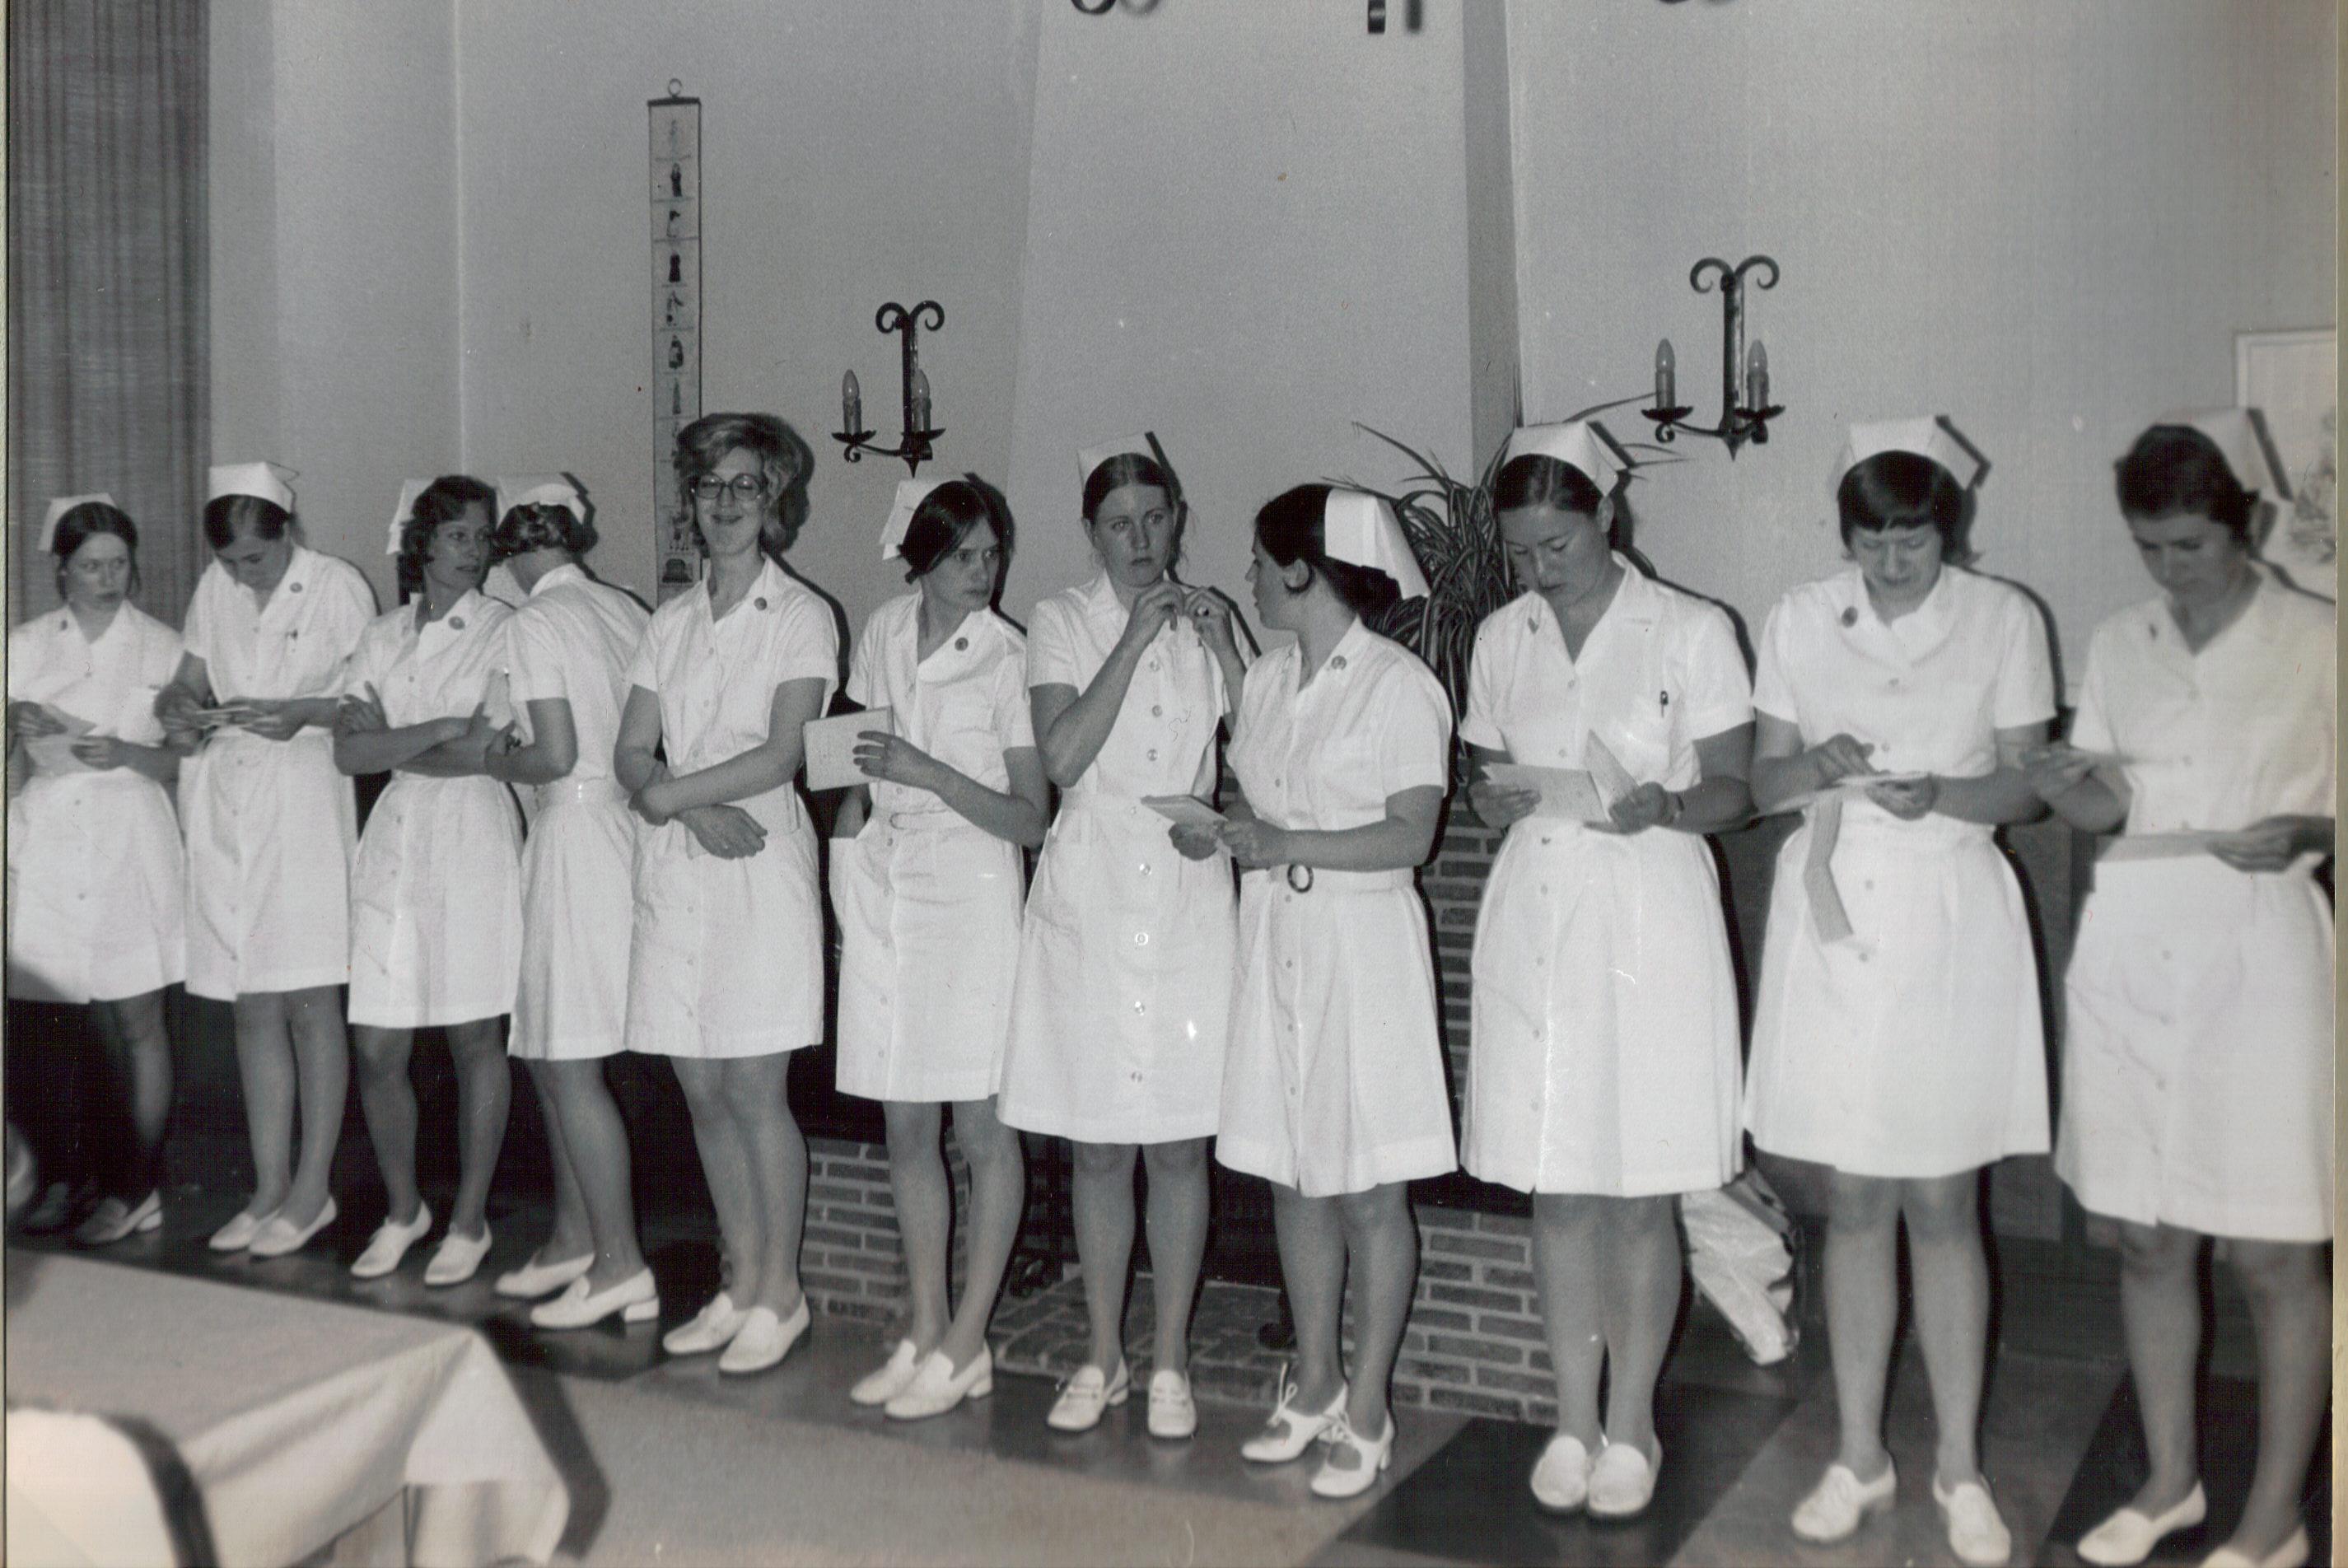 katholieke opleiding voor verpleegkundigen foto